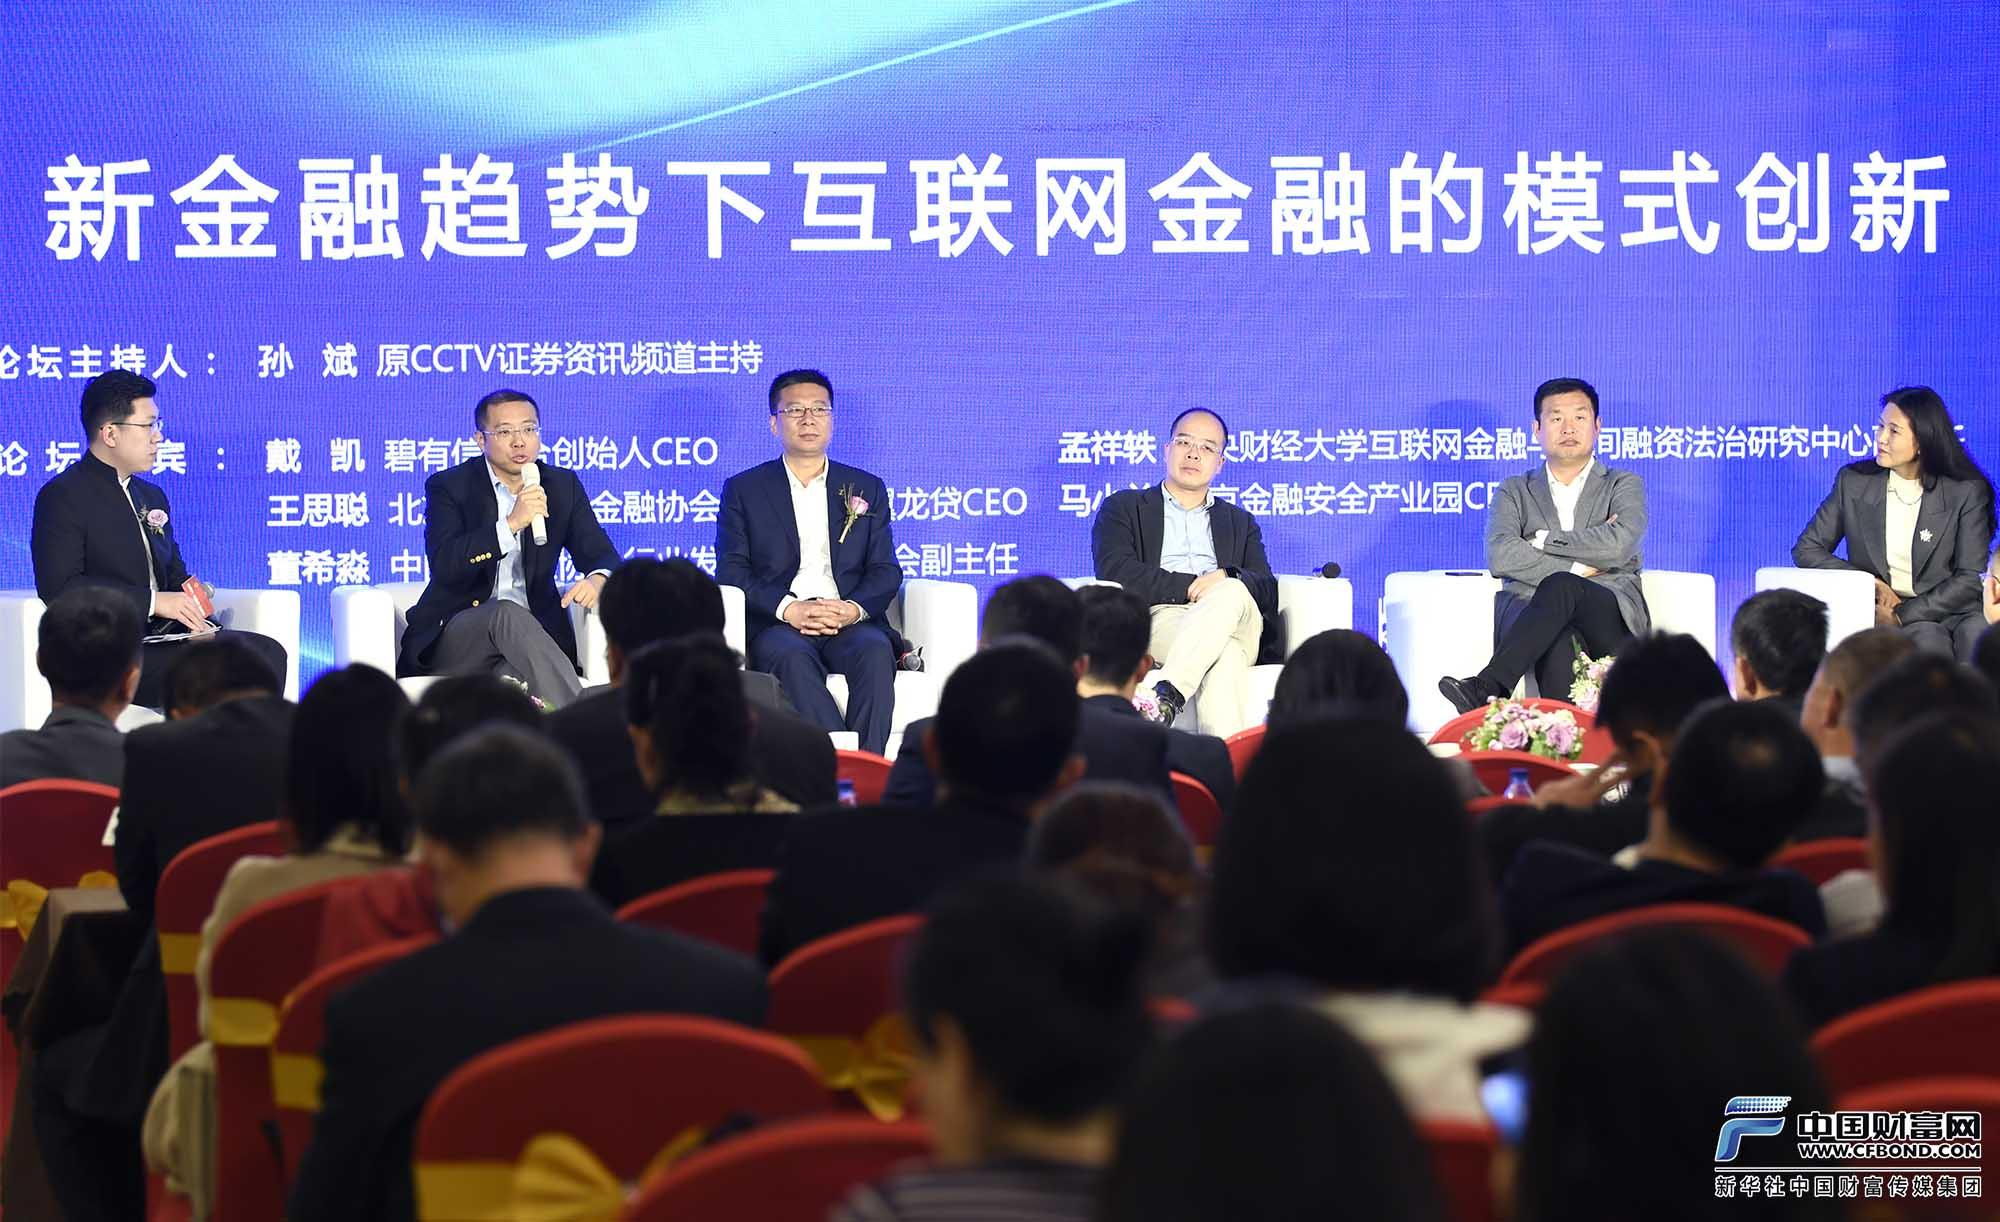 圆桌论坛:新金融趋势下互联网金融的模式创新会场全景